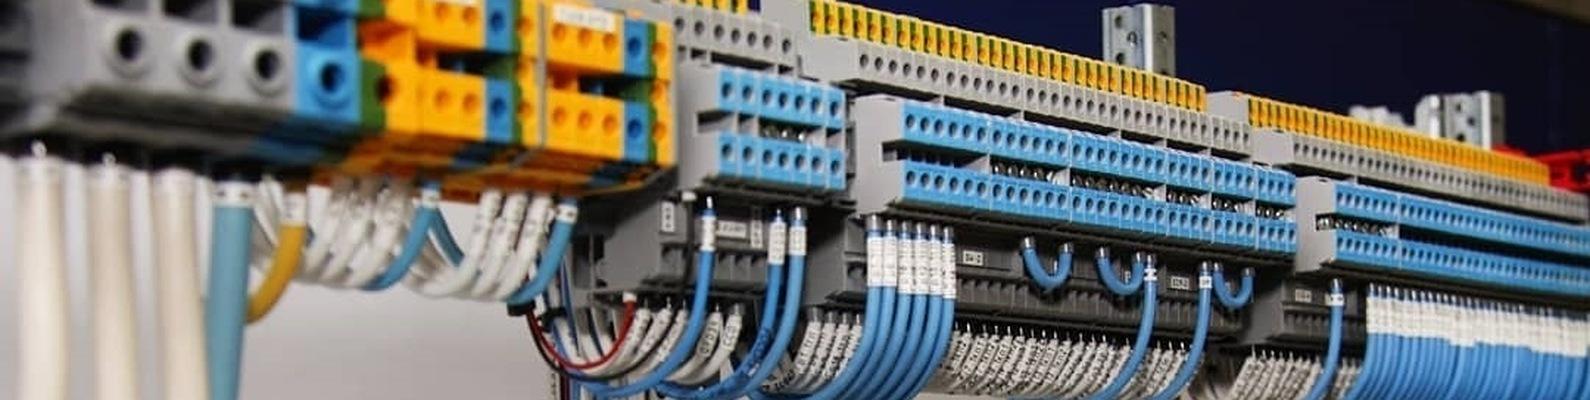 Инженер асу фриланс удаленная работа в интернете на дому вакансии челябинск